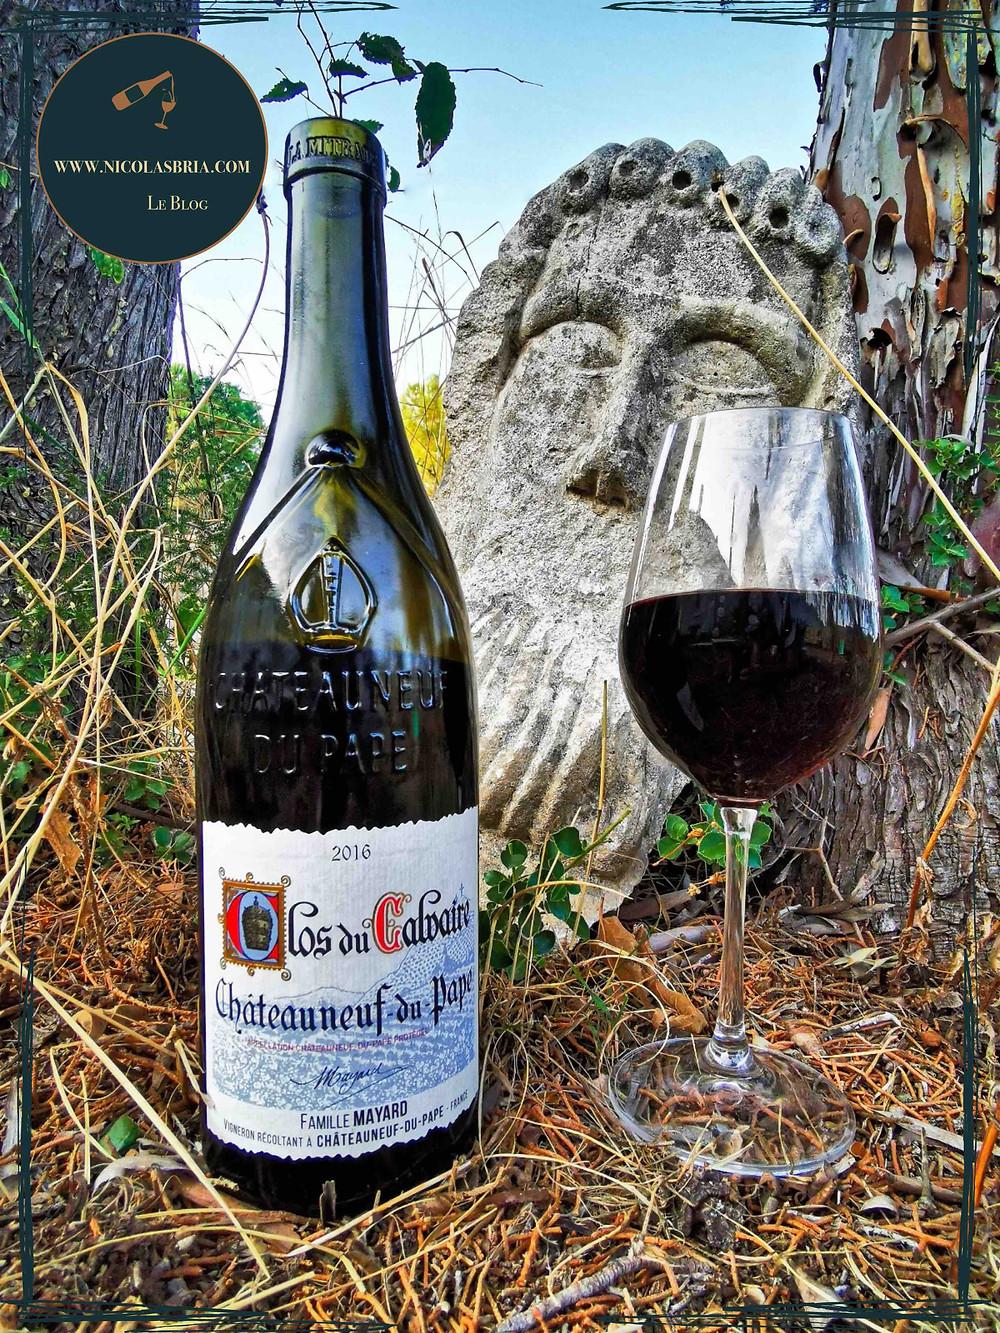 Clos du Calvaire - 2016 - Vignobles Mayard - Vin rouge - Chateauneuf du Pape